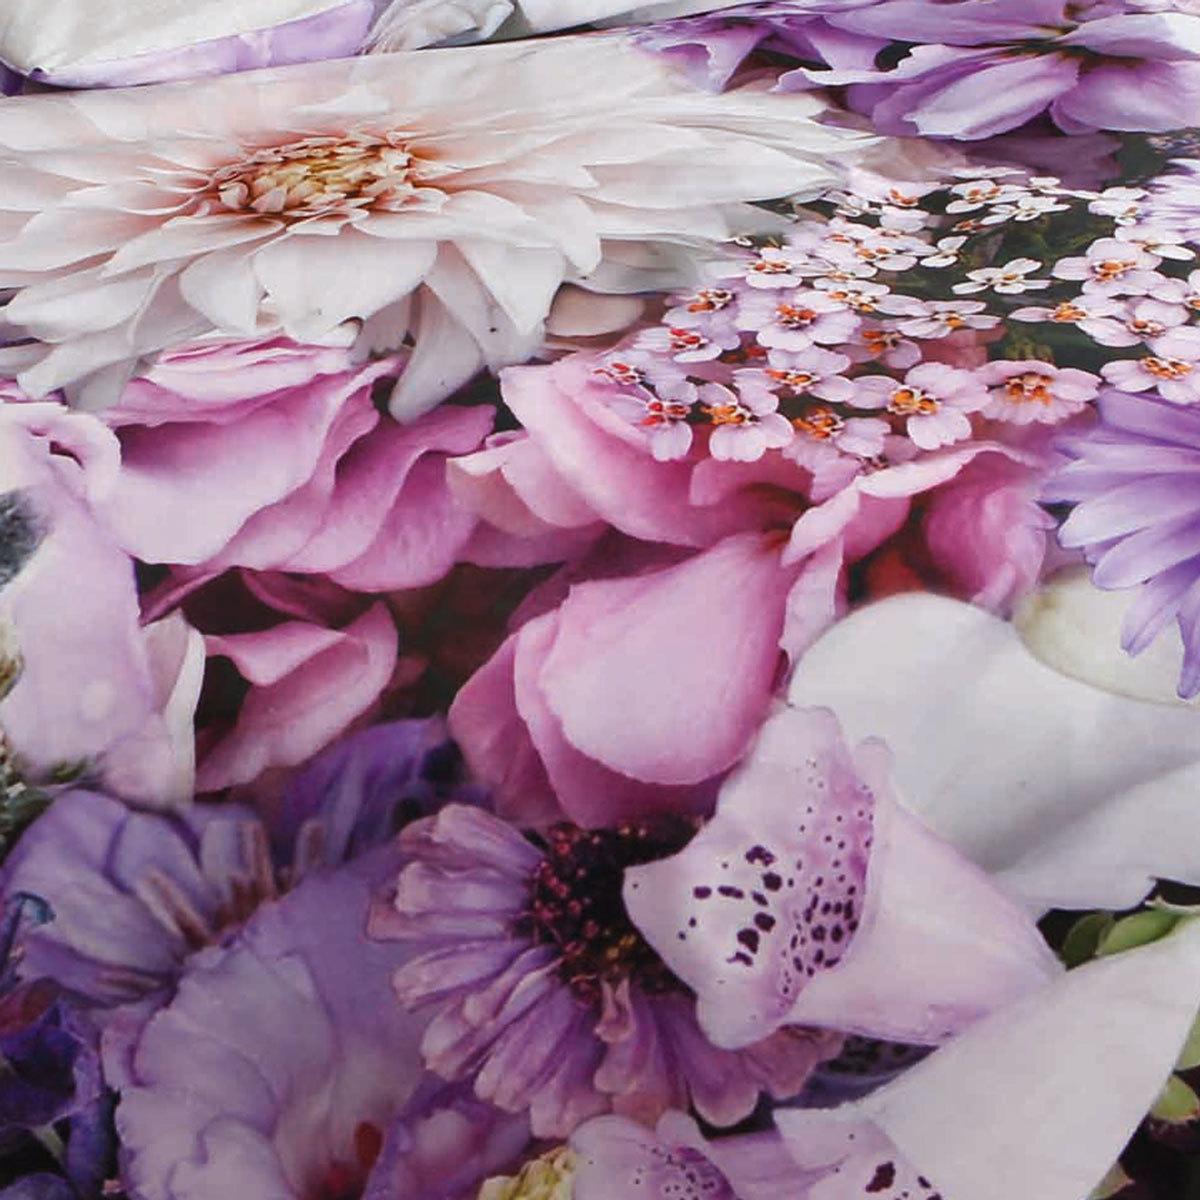 cd8d2a8d8d Kaeppel Mako-Satin Bettwäsche Lilac Passion flieder. voheriges Artikelbild  nächstes Artikelbild